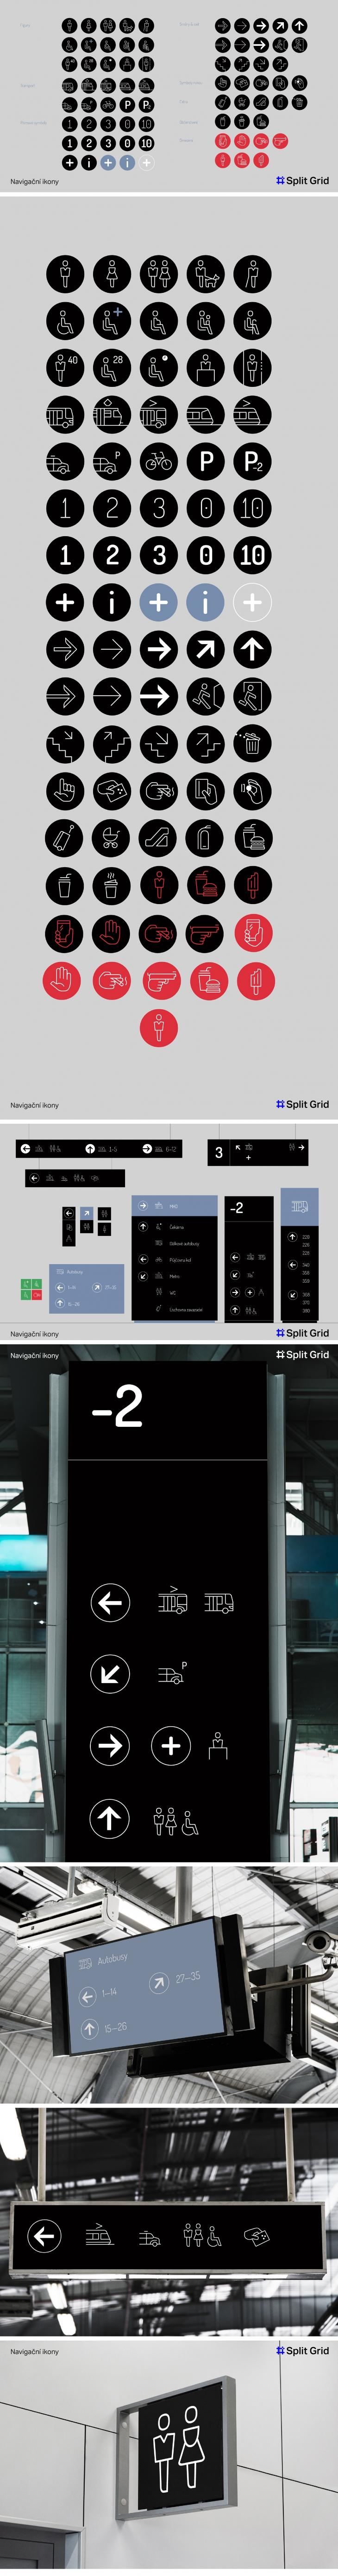 Projekt: Navigační ikony